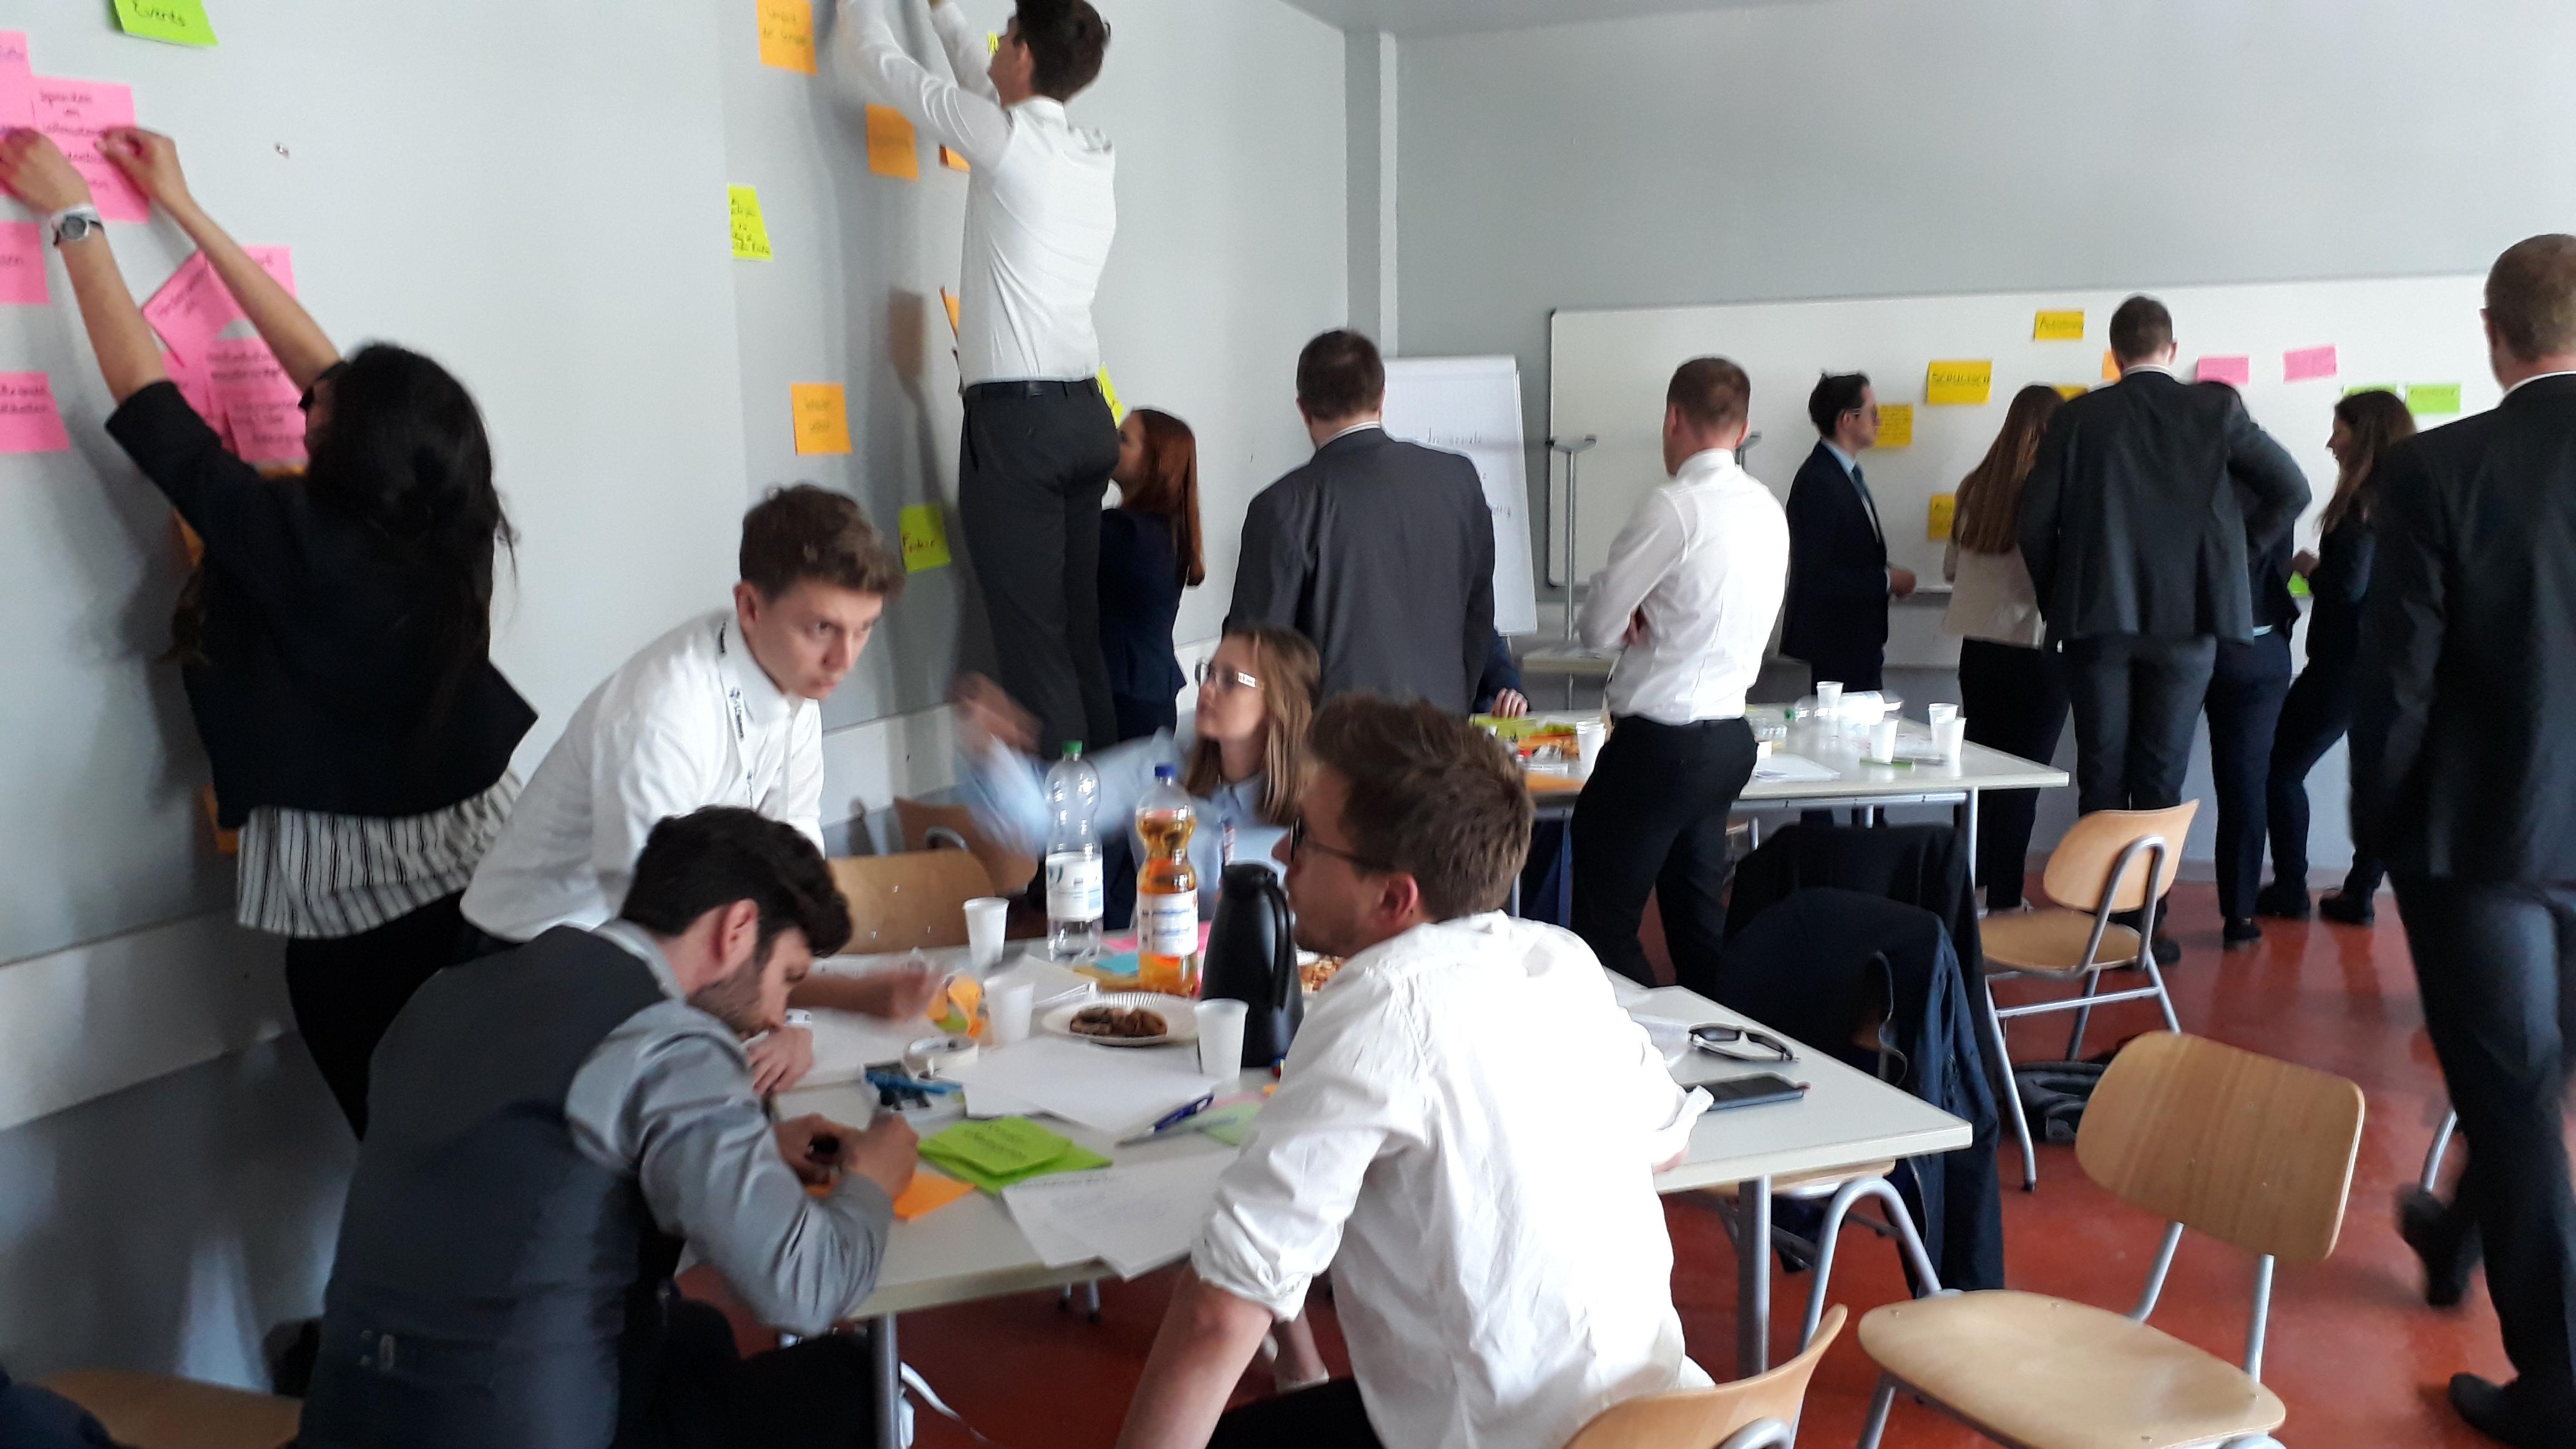 Bild von jungen Teilnehmern, die im Gespräch zusammensitzen und  Post-its mit Ideen an die Wände kleben